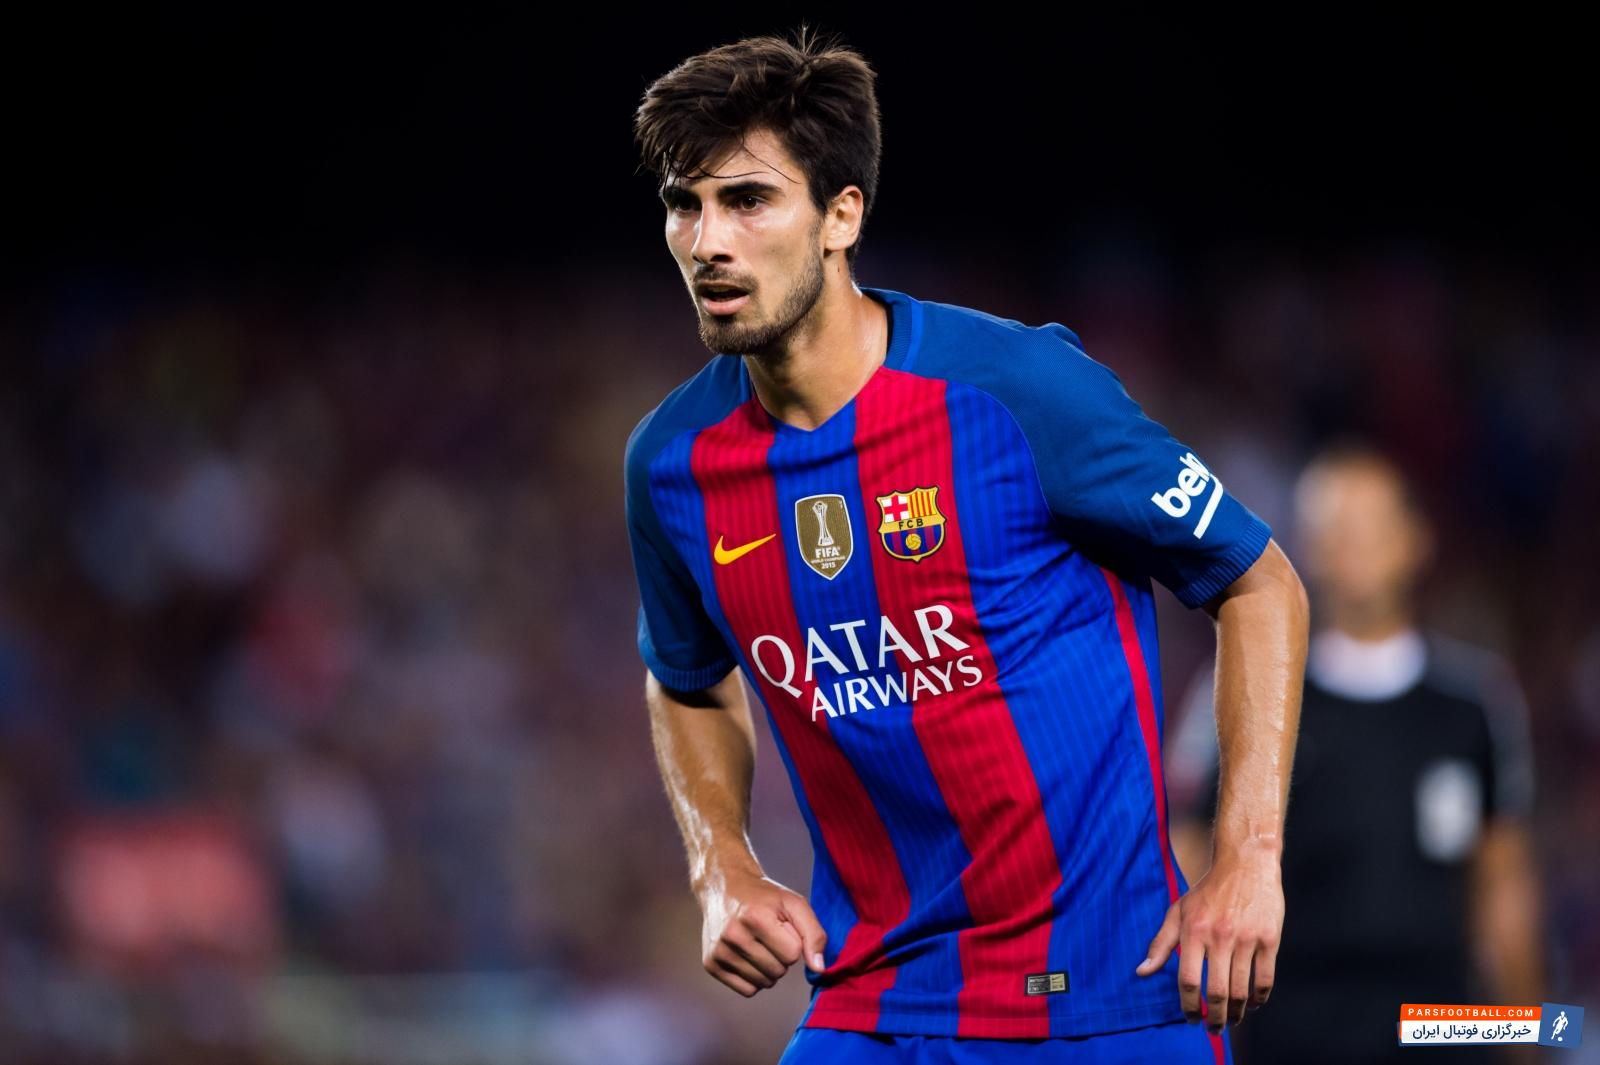 گومز بازی بارسلونا مقابل آلاوز را از دست داد ؛ دینیه جایگزین گومز در ترکیب بارسا